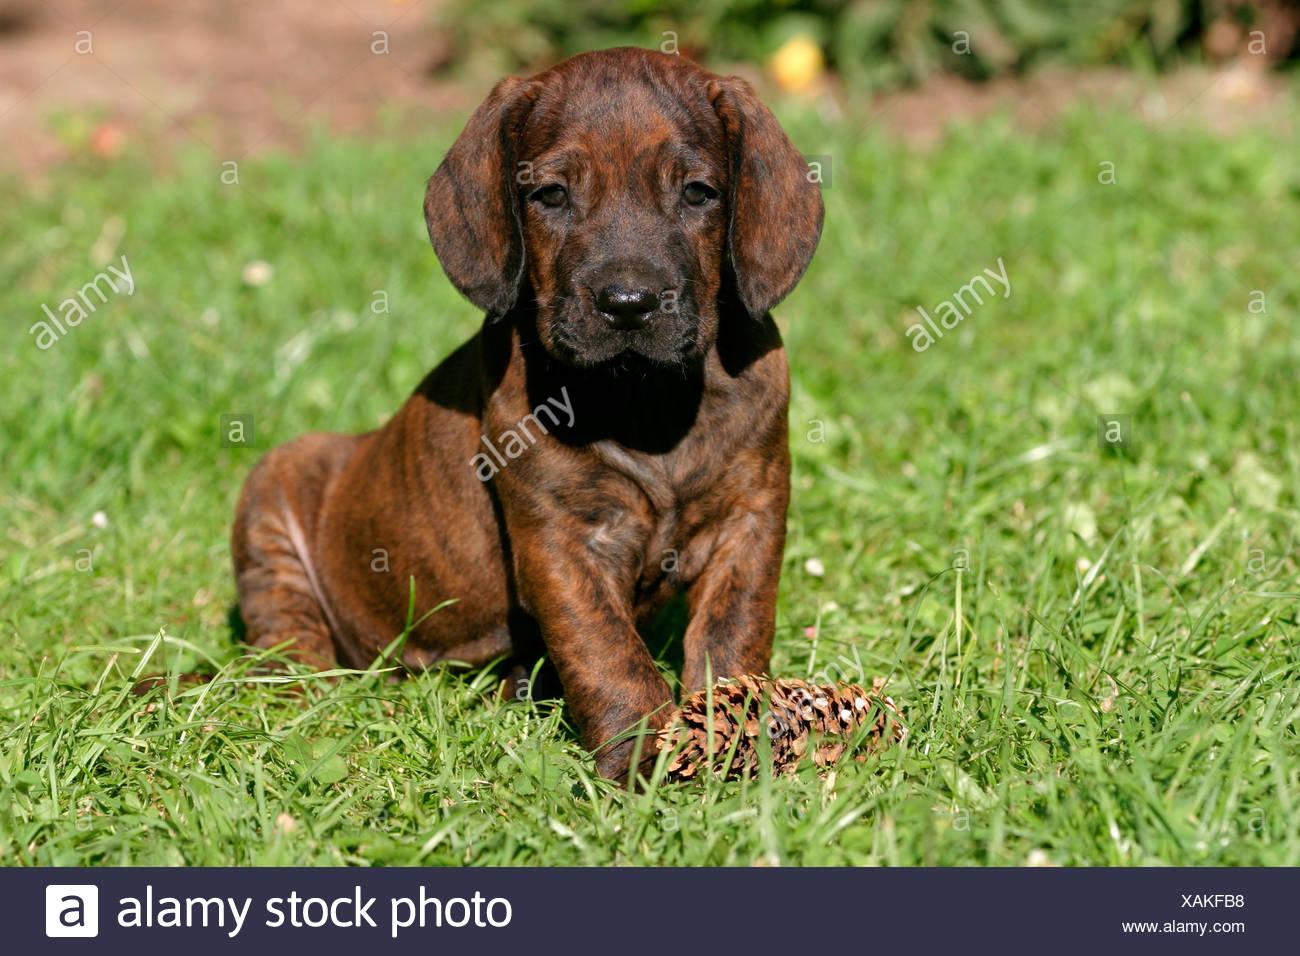 Hannoverscher Schweisshund Welpe Puppy Stock Photo 281941612 Alamy